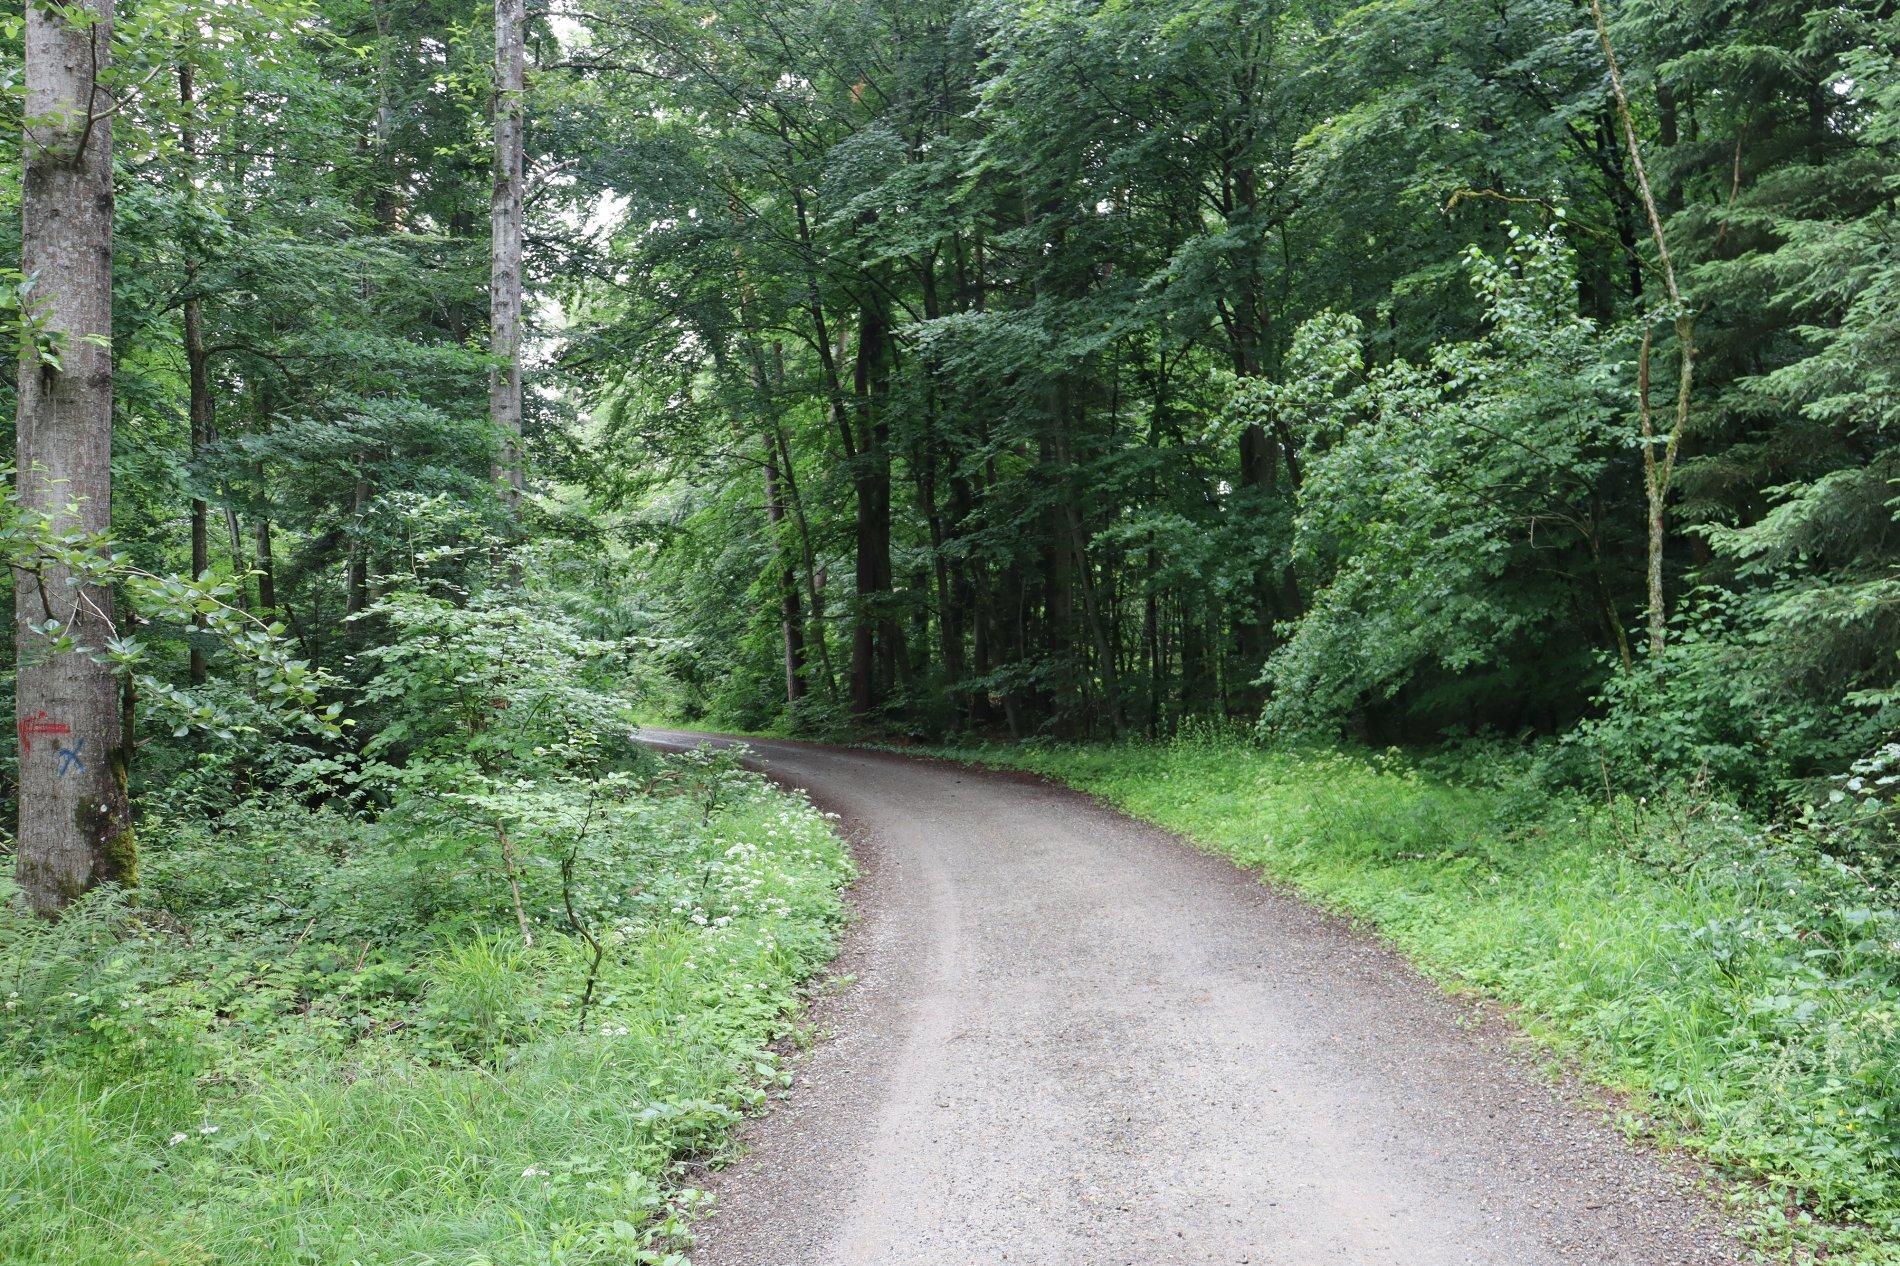 Waldweg mit hohen Bäumen